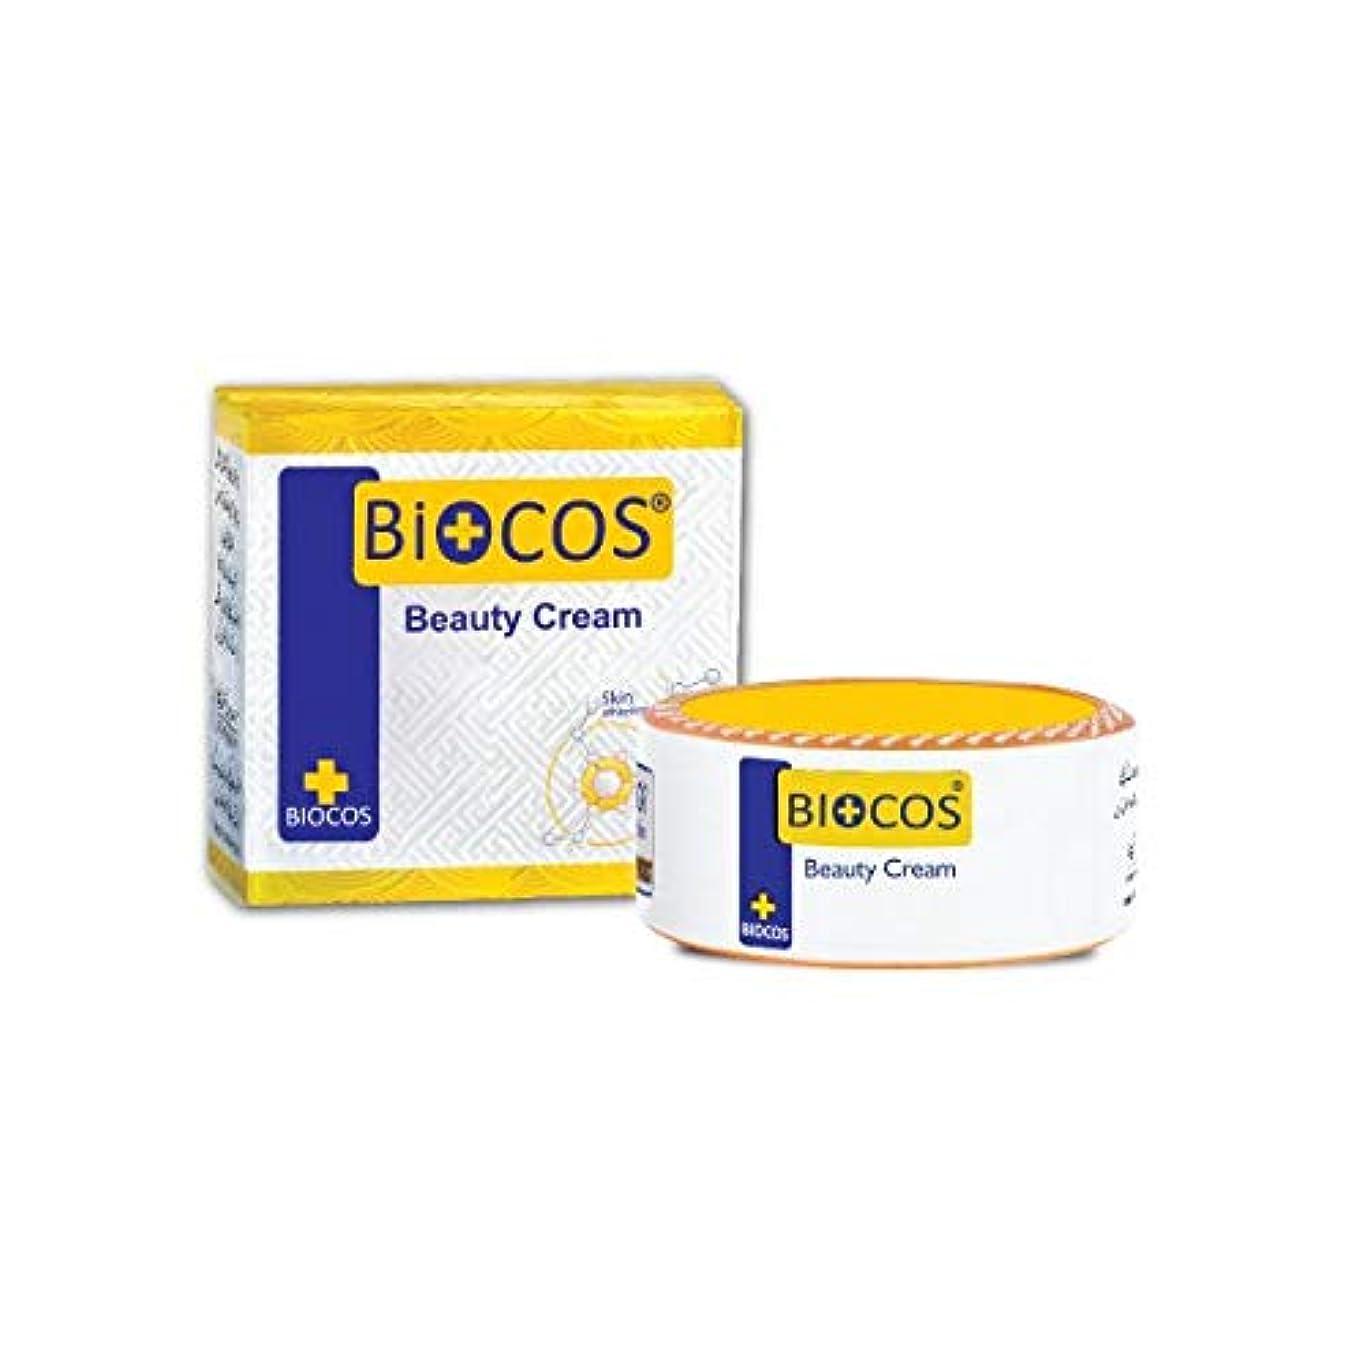 グレード領収書マーキーBiocos Beauty Cream & Emergency Serum Original Import from Pakistan